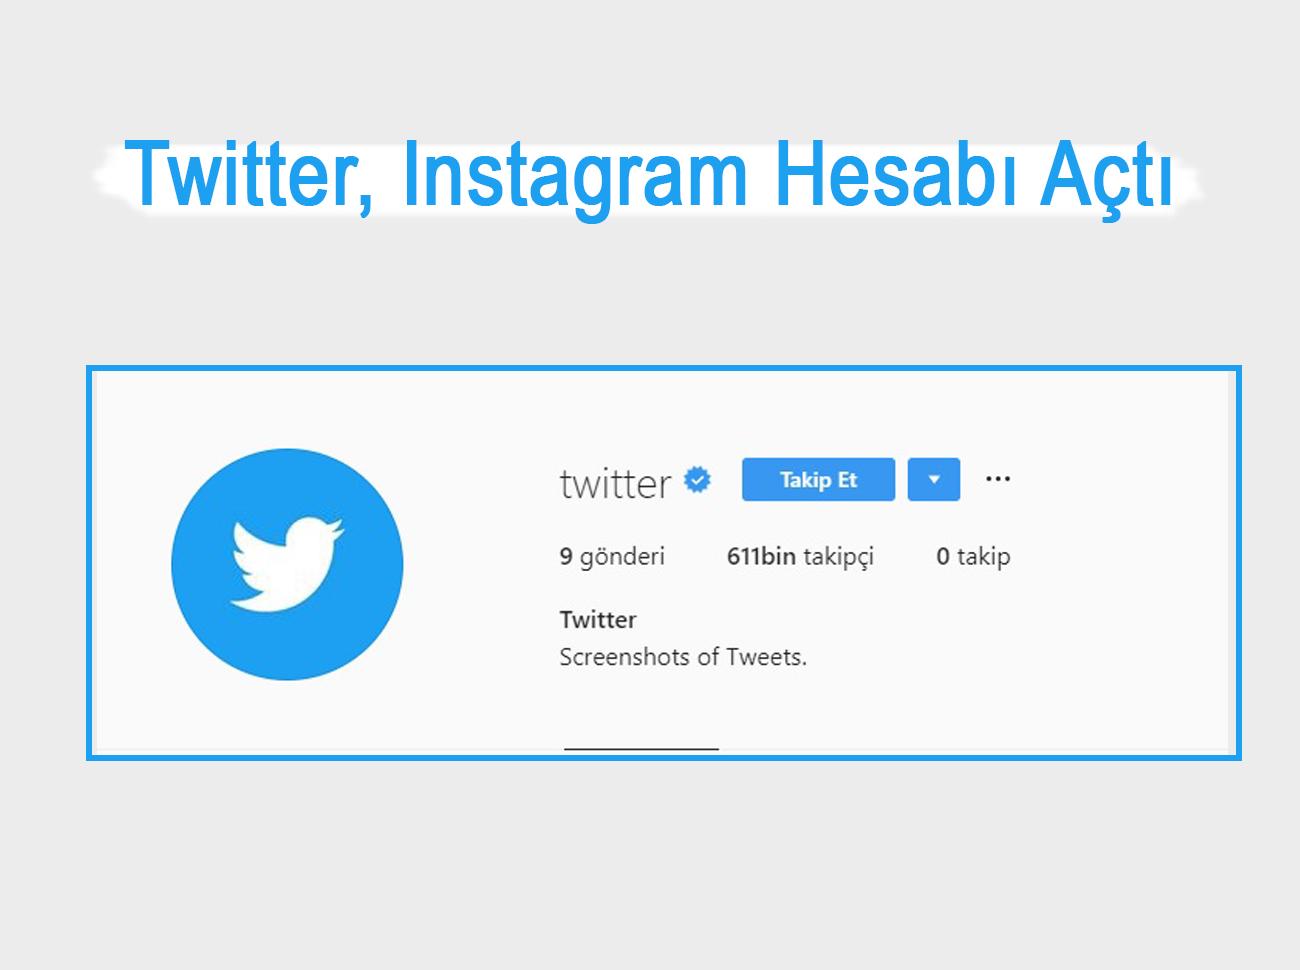 Twitter Instagram Hesabı Açtı